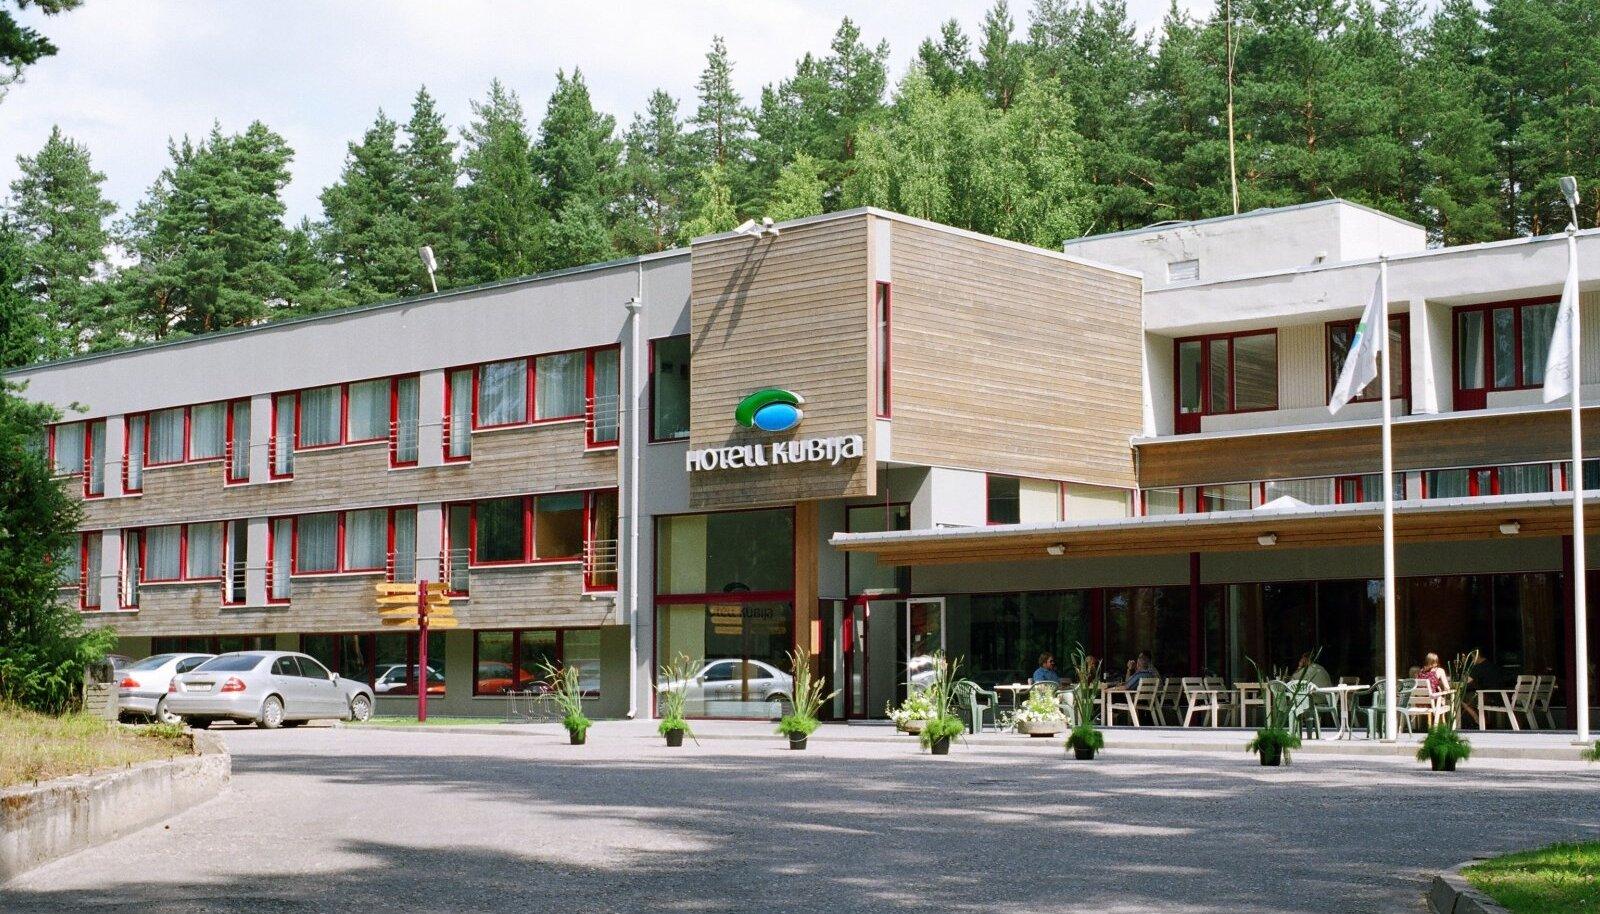 Как рассказывает Ли Воолайд, исполнительный директор Kubija Hotel-Nature Spa в Выру, введенные в 2020 и 2021 годах ограничения подорвали экономические результаты спа-отеля.